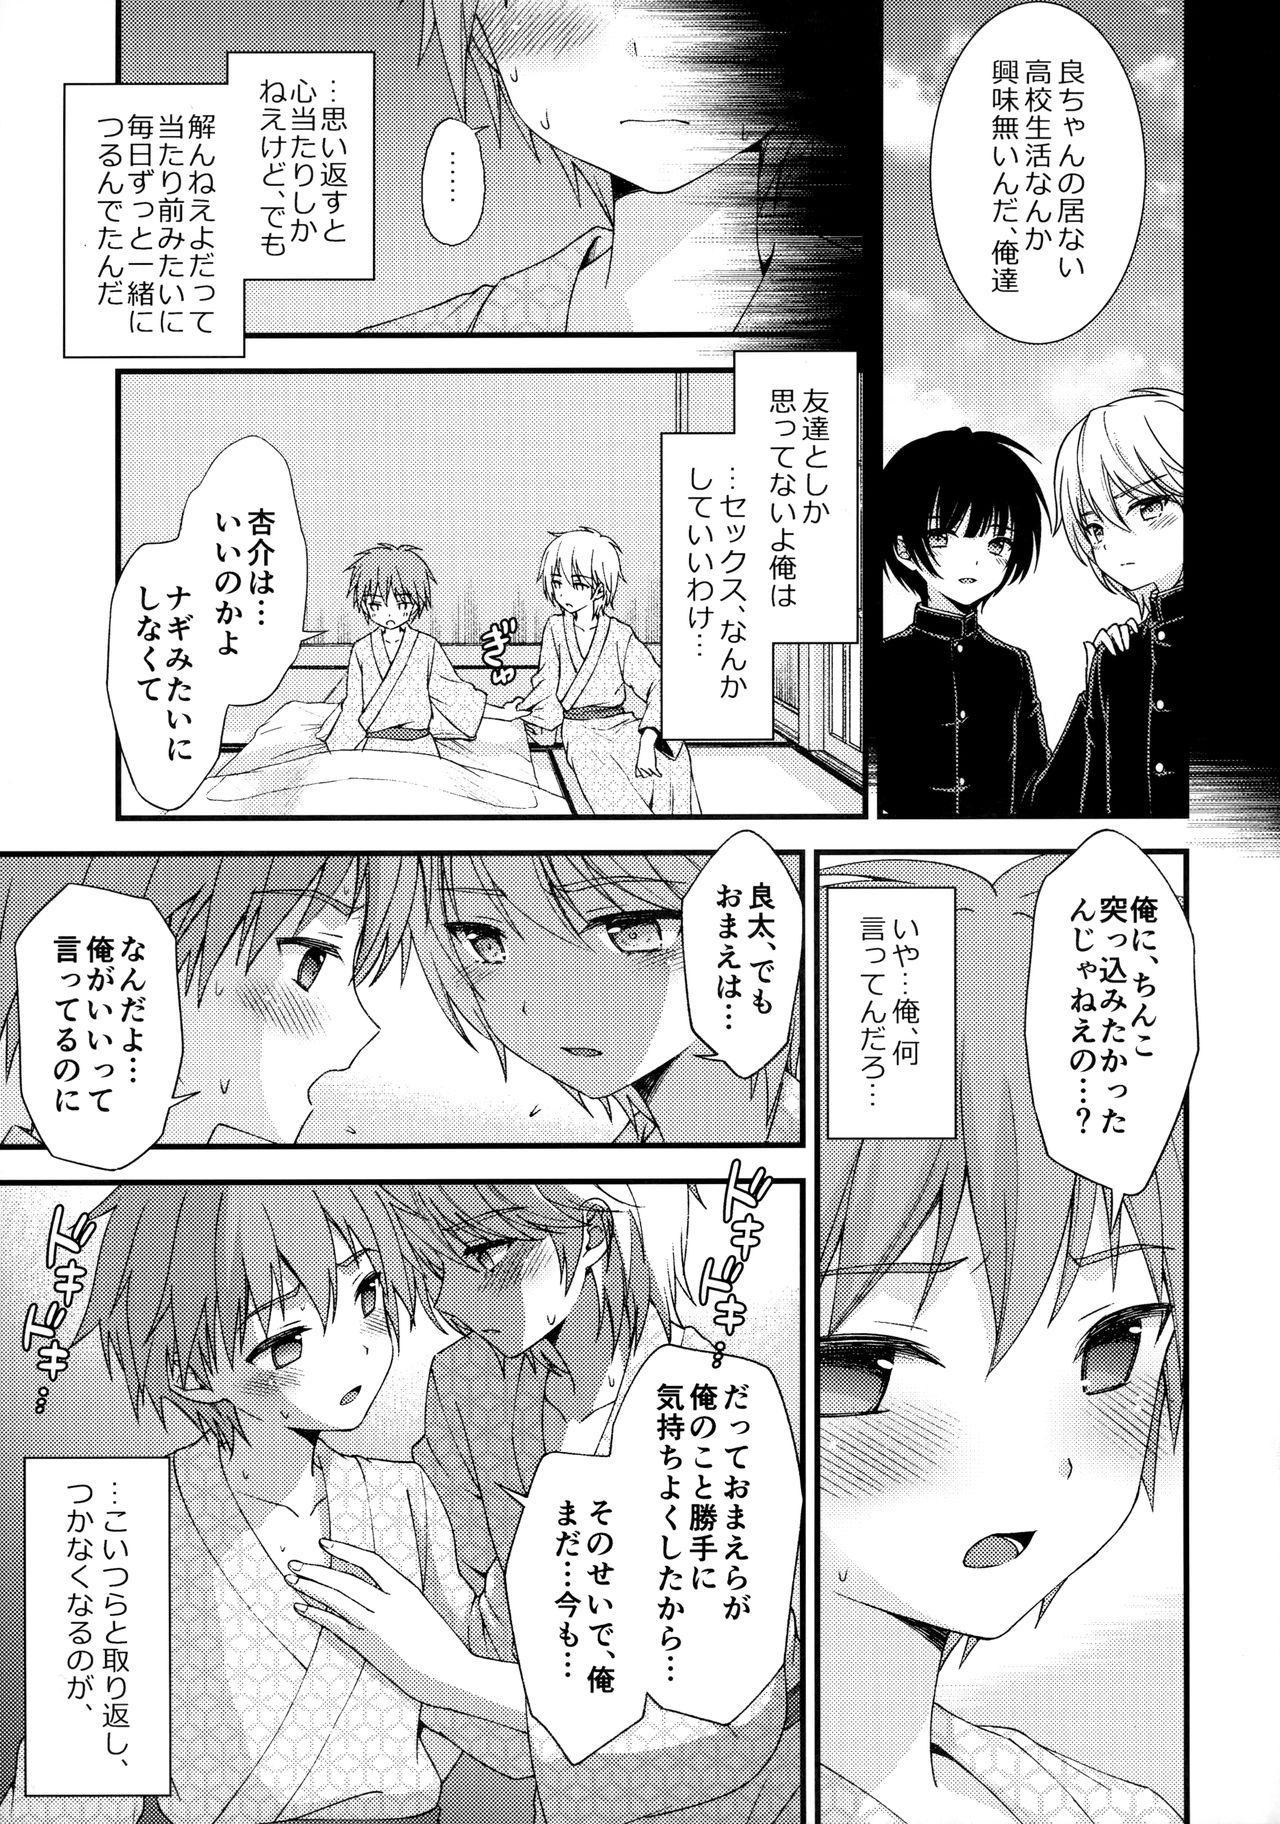 Nagasare 3P Sotsugyou Ryokou 19